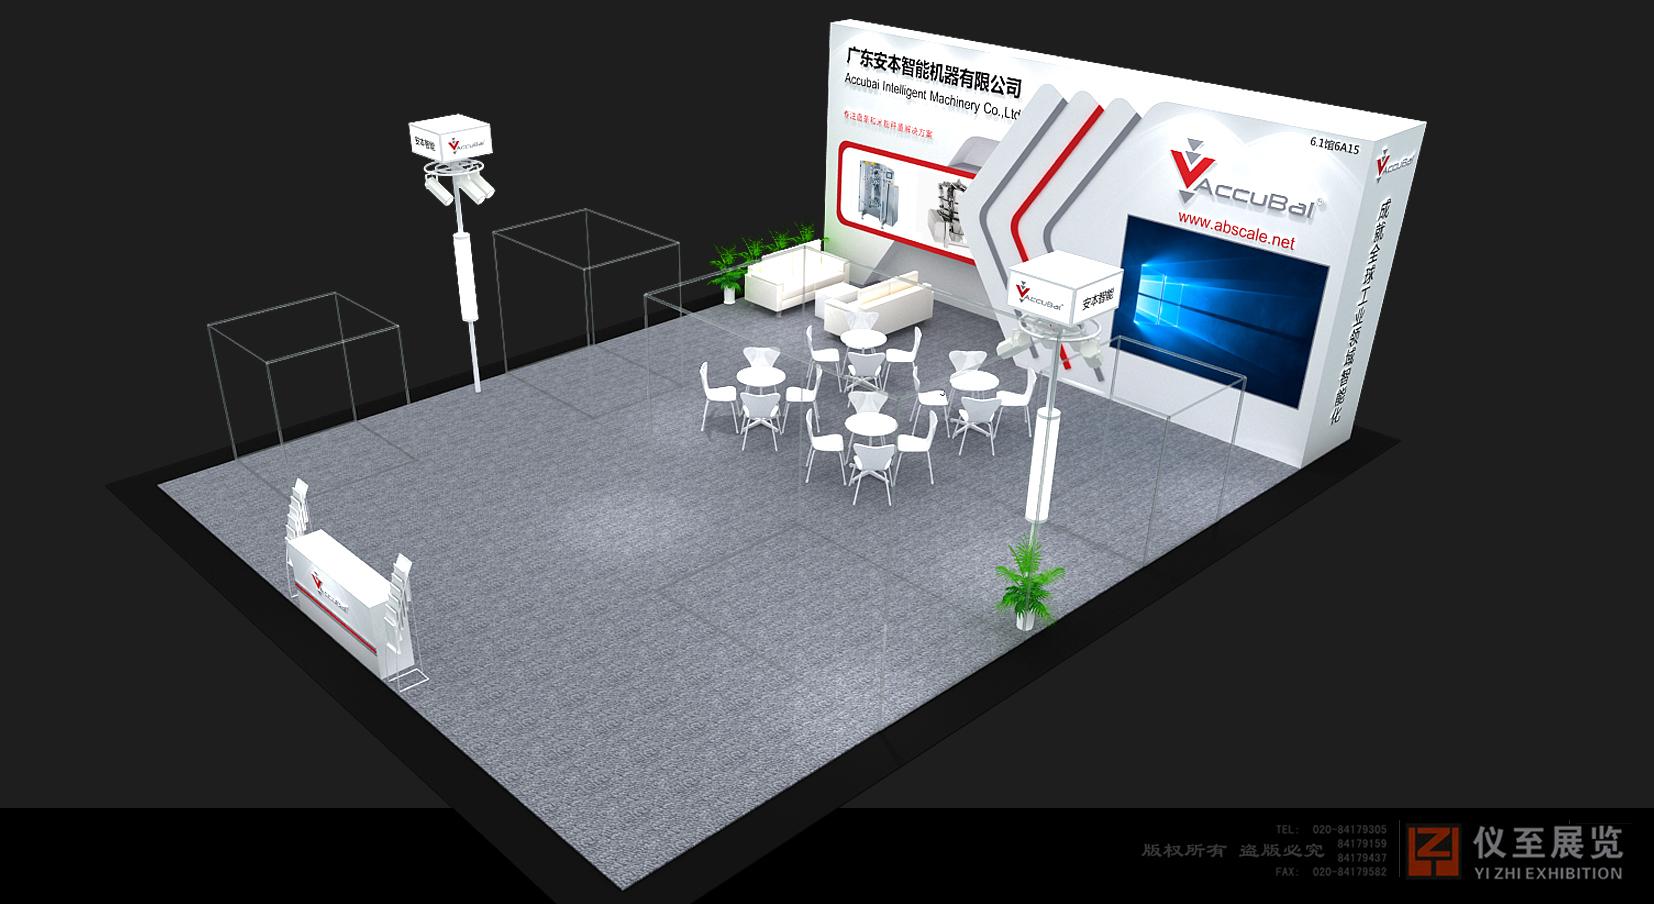 安本--机械展展会设计